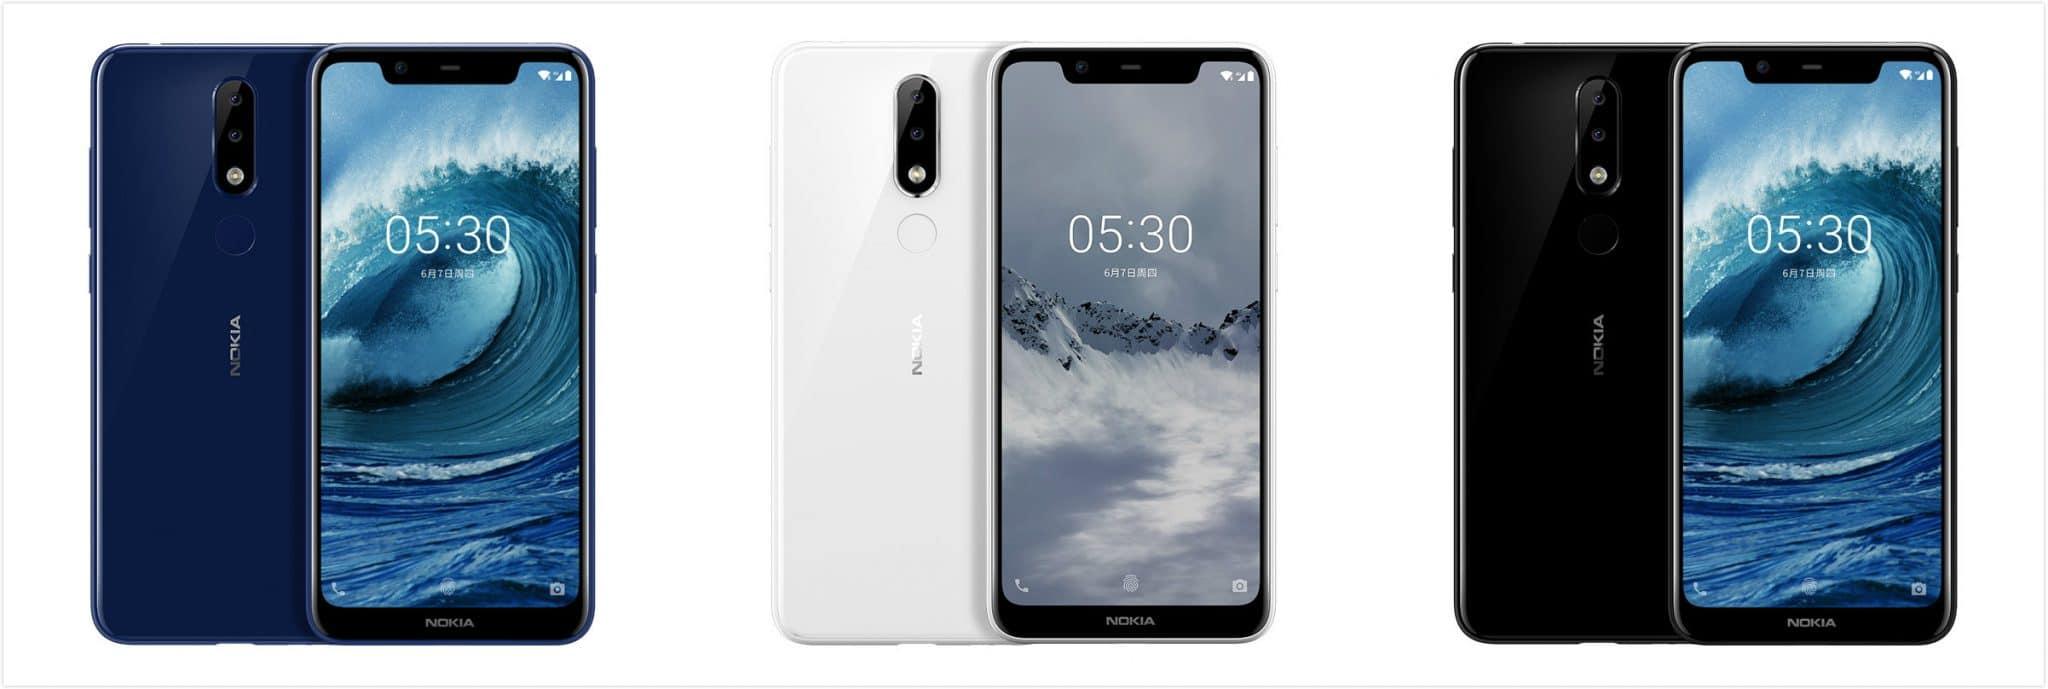 هاتف Nokia 5.1 Plus يستقبل تحديث اندرويد Pie قريباً 1